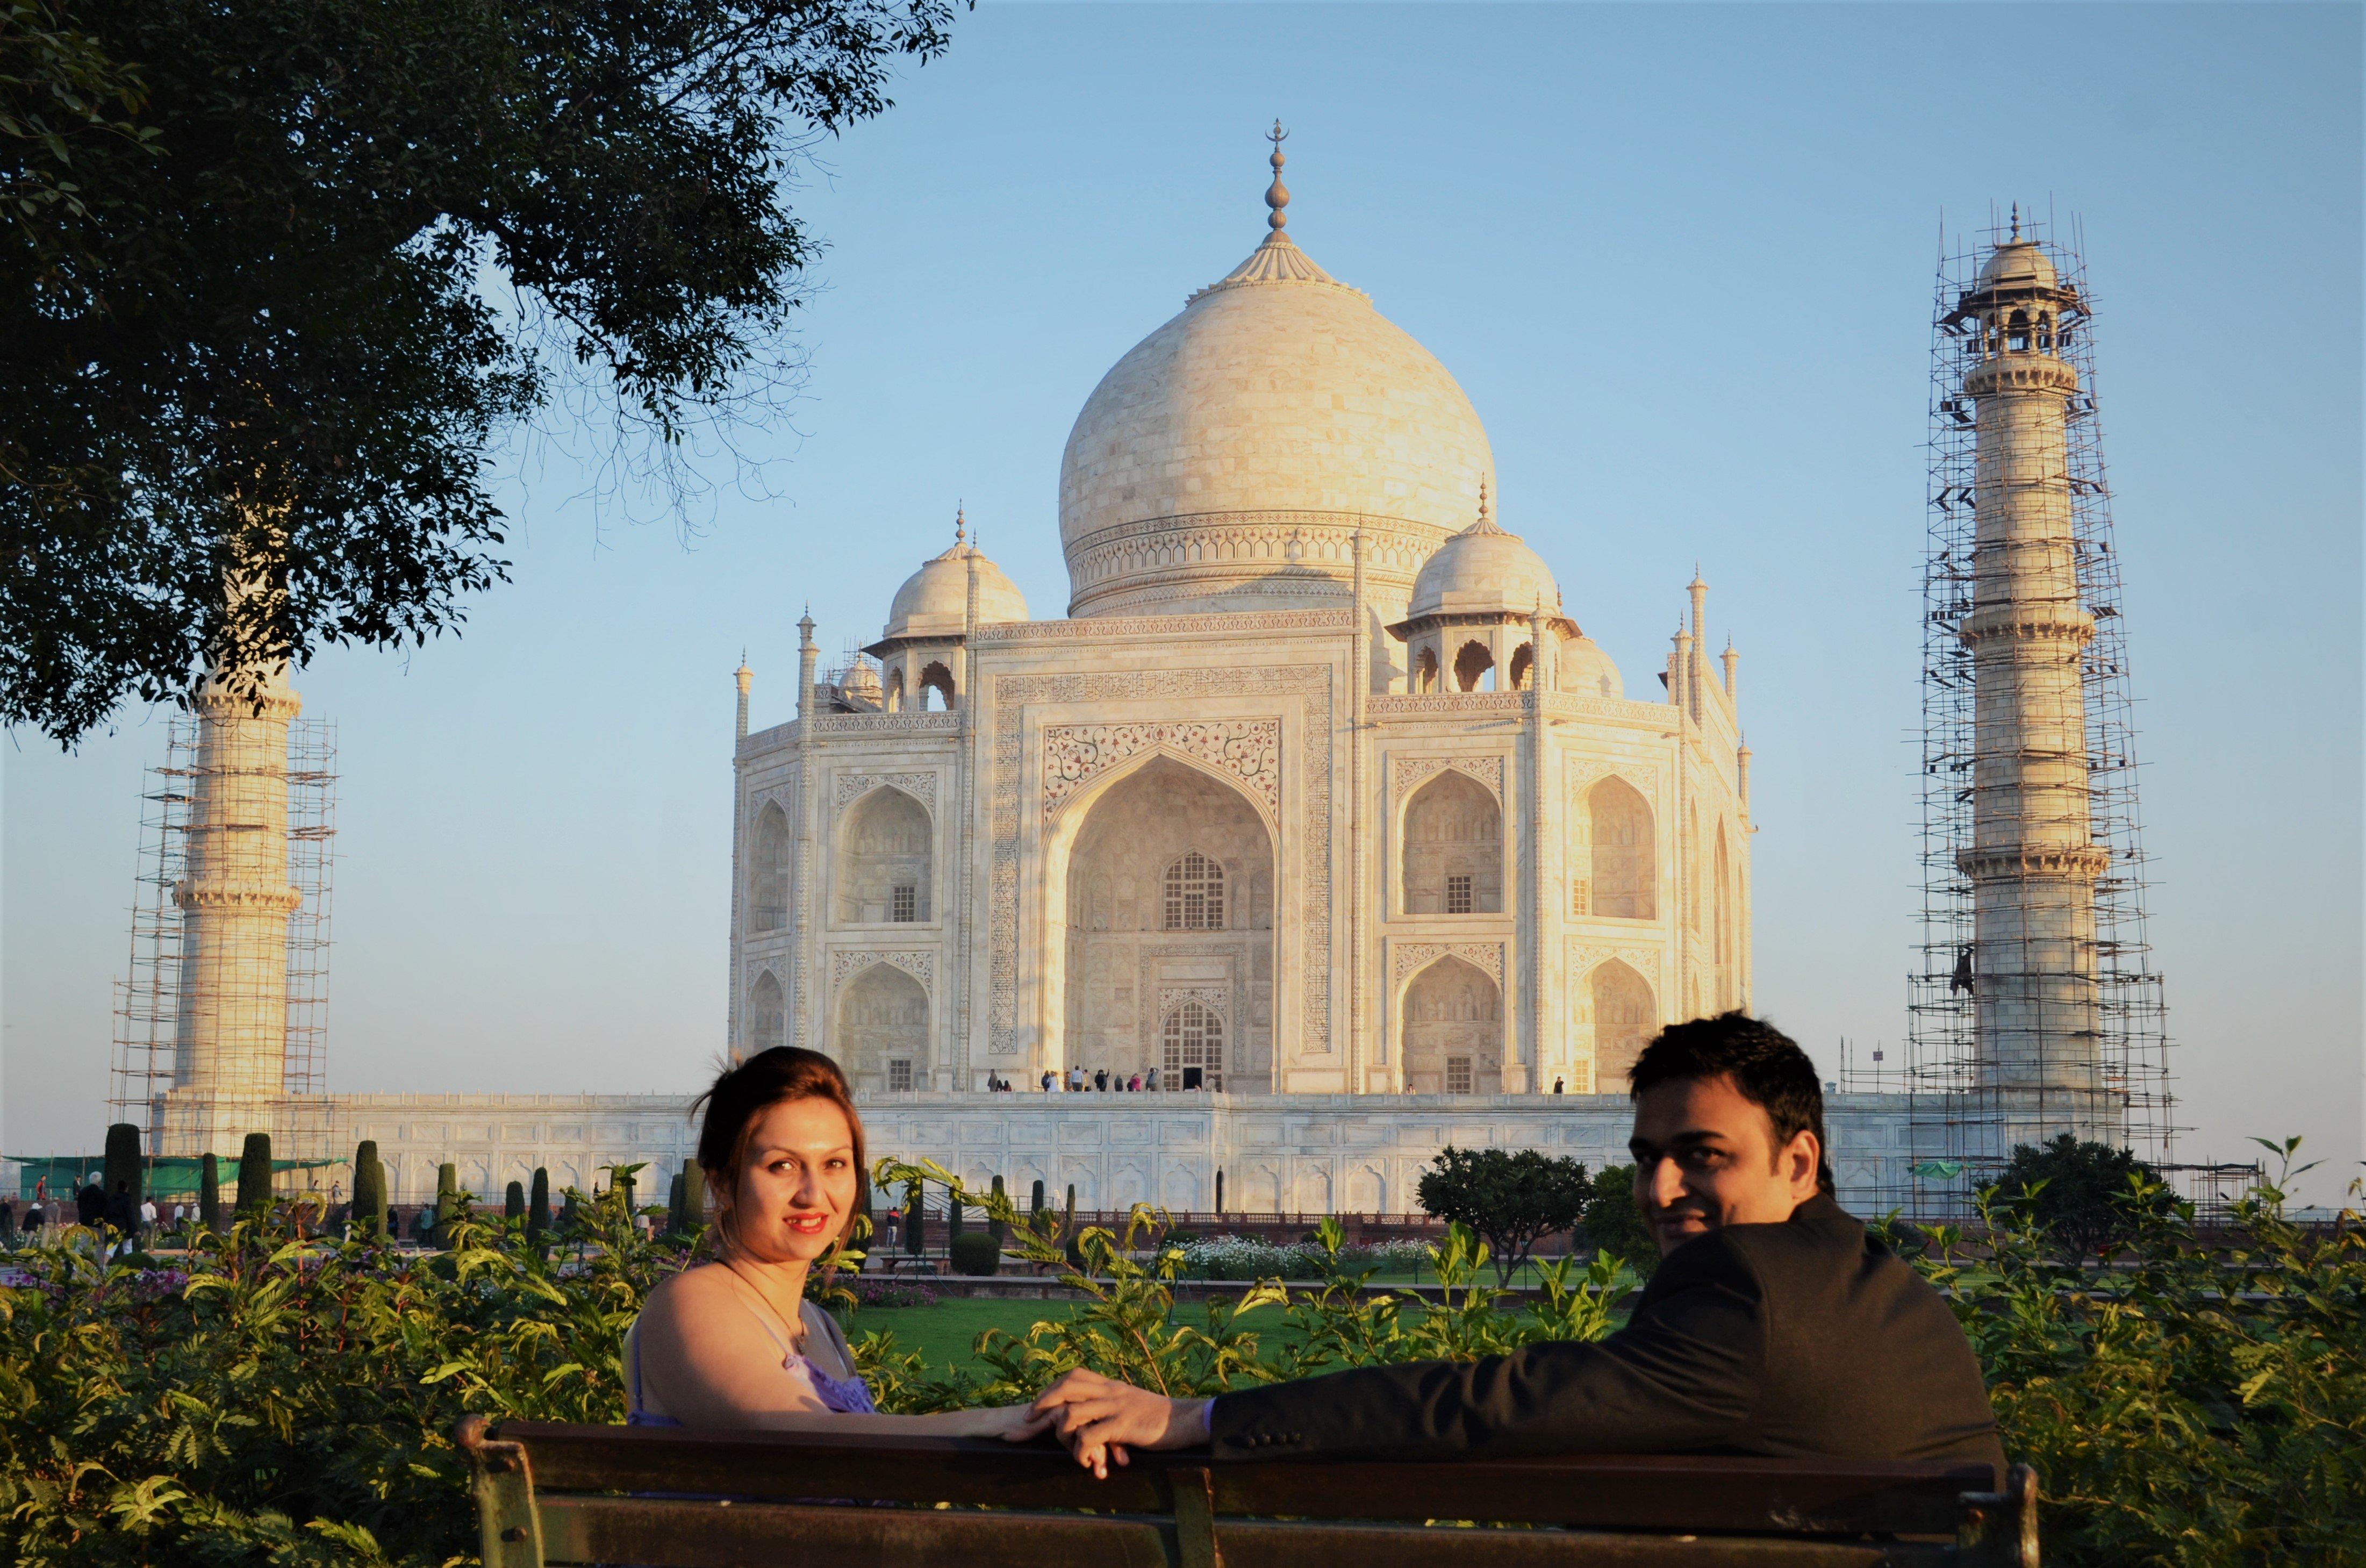 Maya and Rahul at the Taj Mahal